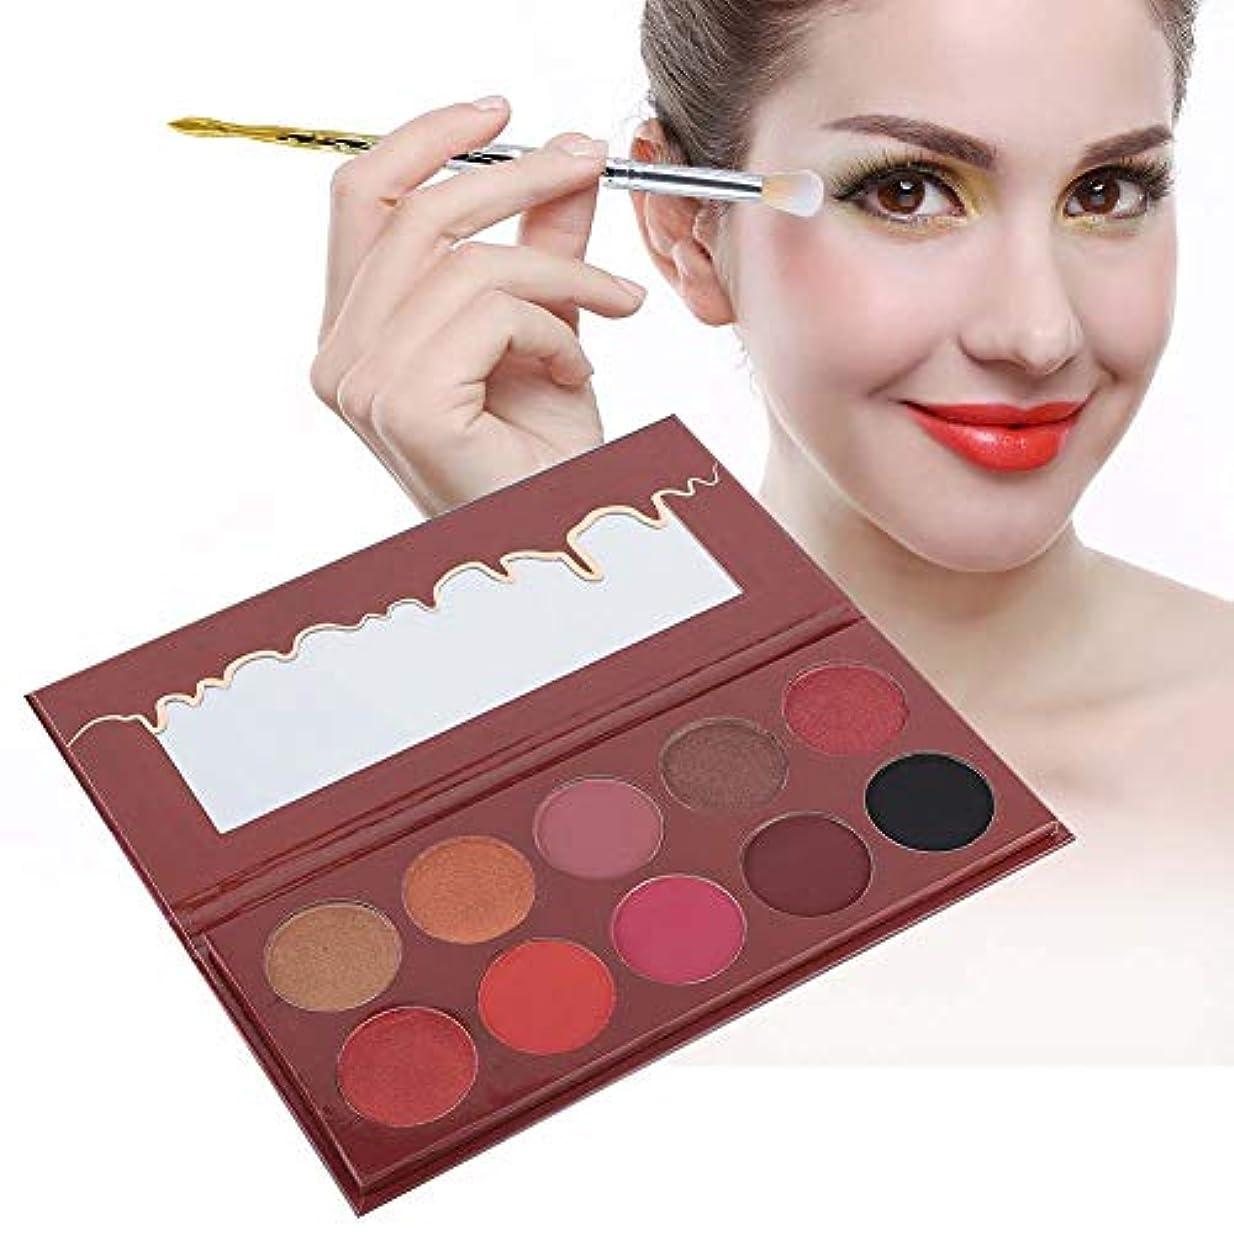 人物ひばり予防接種する10色 アイシャドウパレット アイシャドウパレット 化粧マット グロス アイシャドウパウダー 化粧品ツール